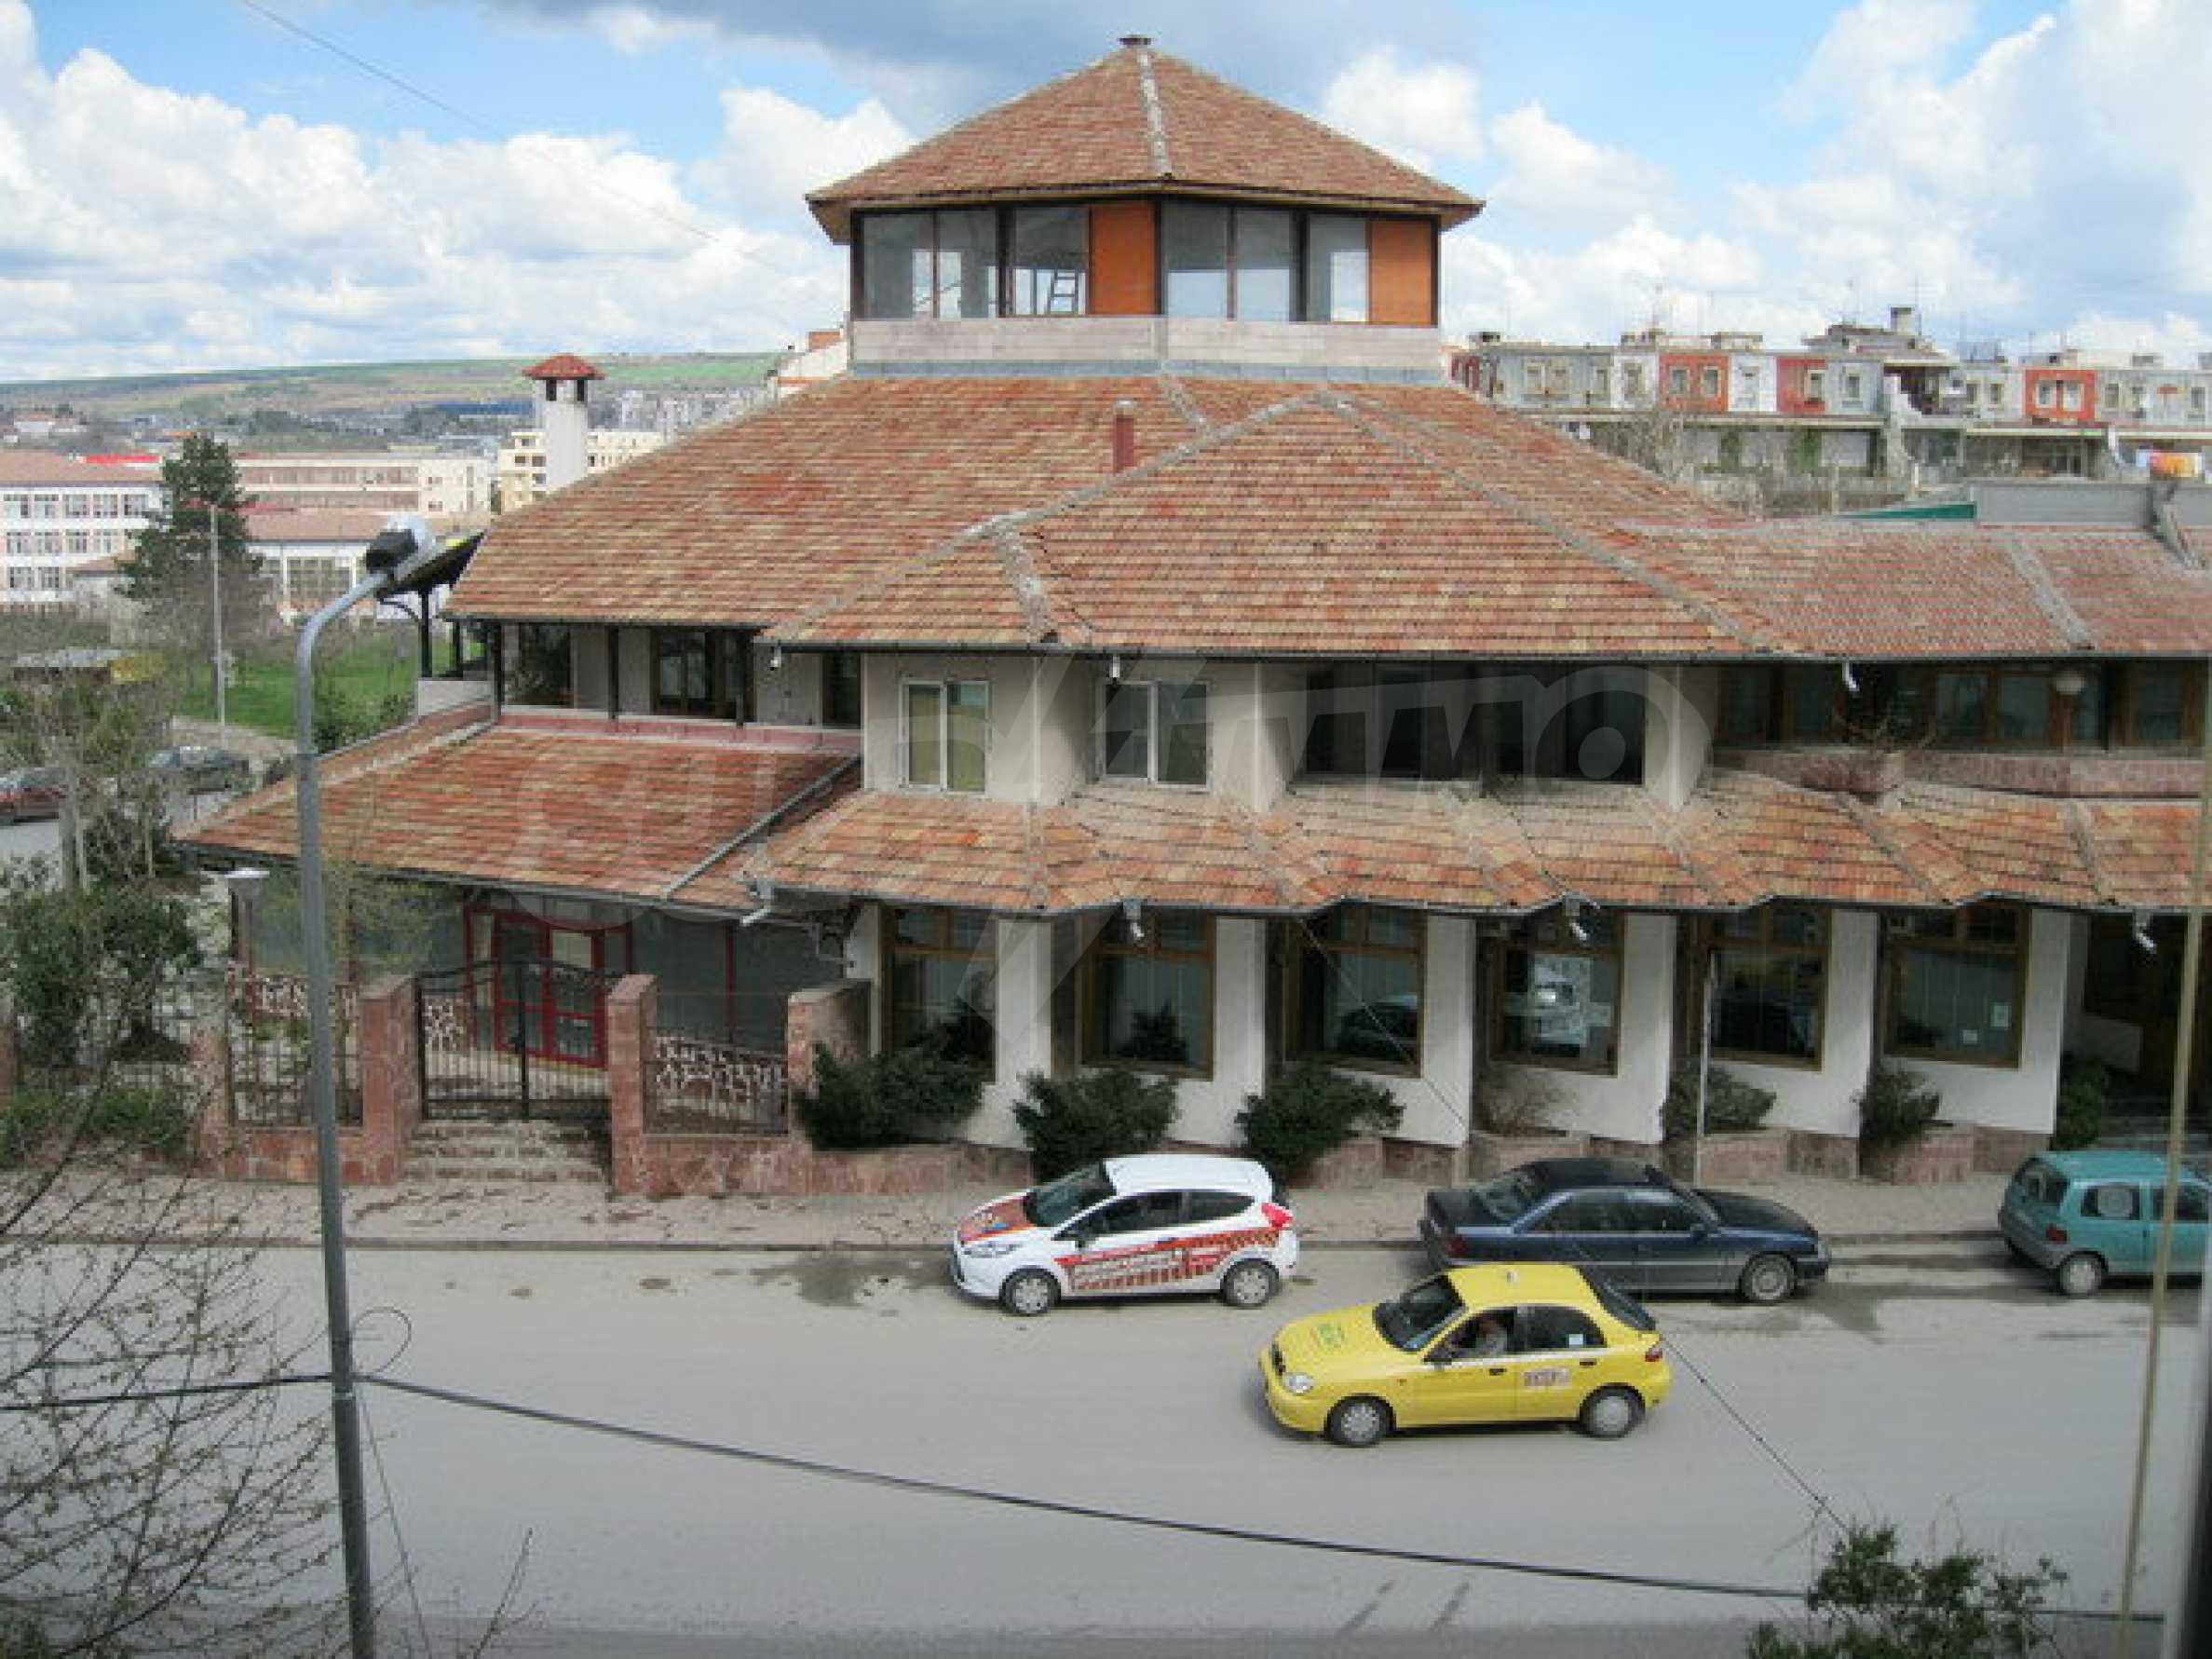 Здание, подходящее для разных видов бизнеса, расположенное в городе Велико Тырново 5